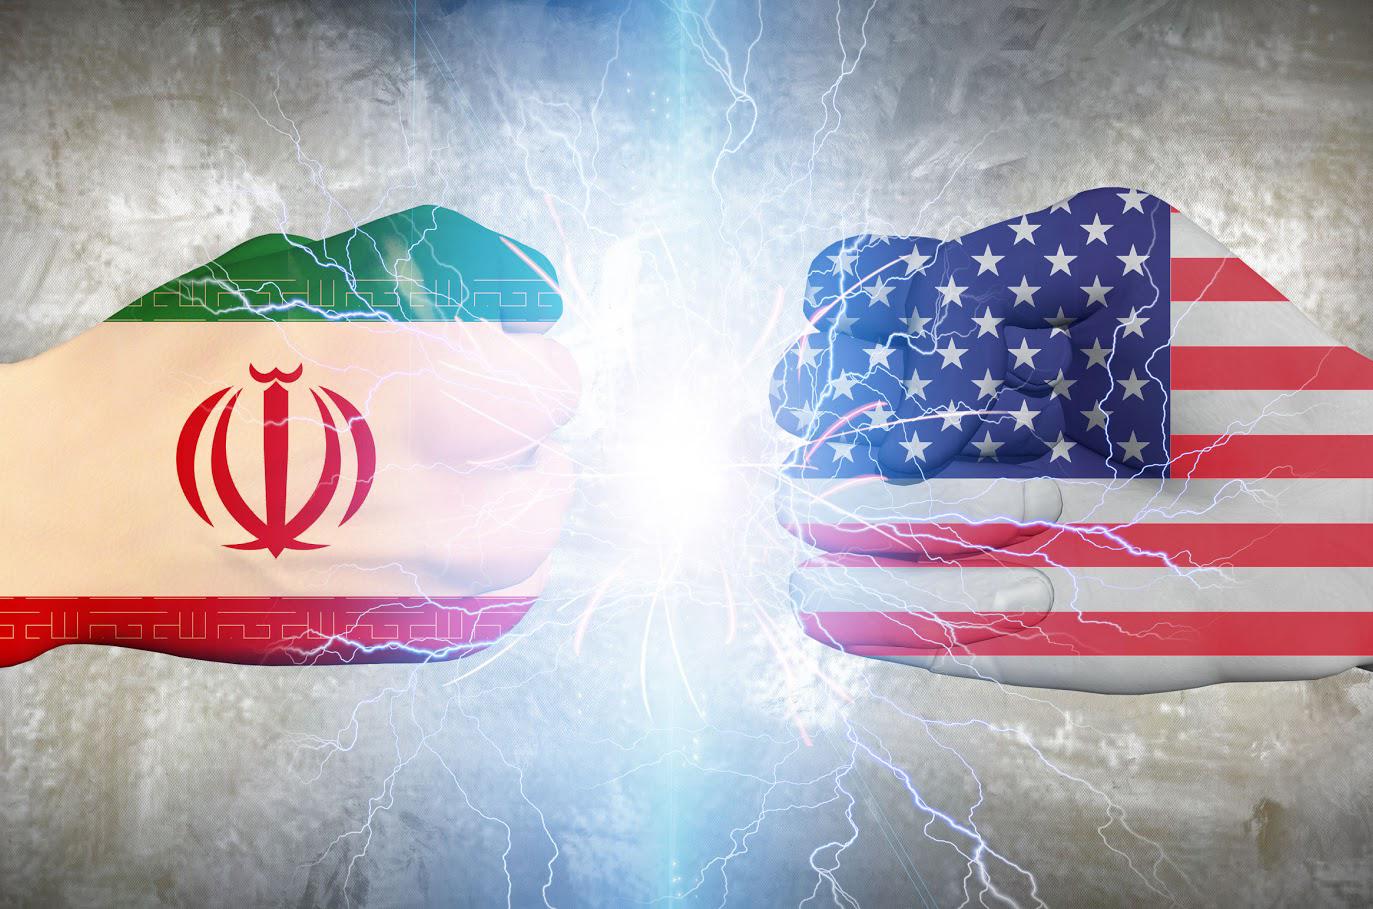 واکنش فعالان سیاسی ایران به ایجاد رابطه با  آمریکا؛ بازی سازش+عکس